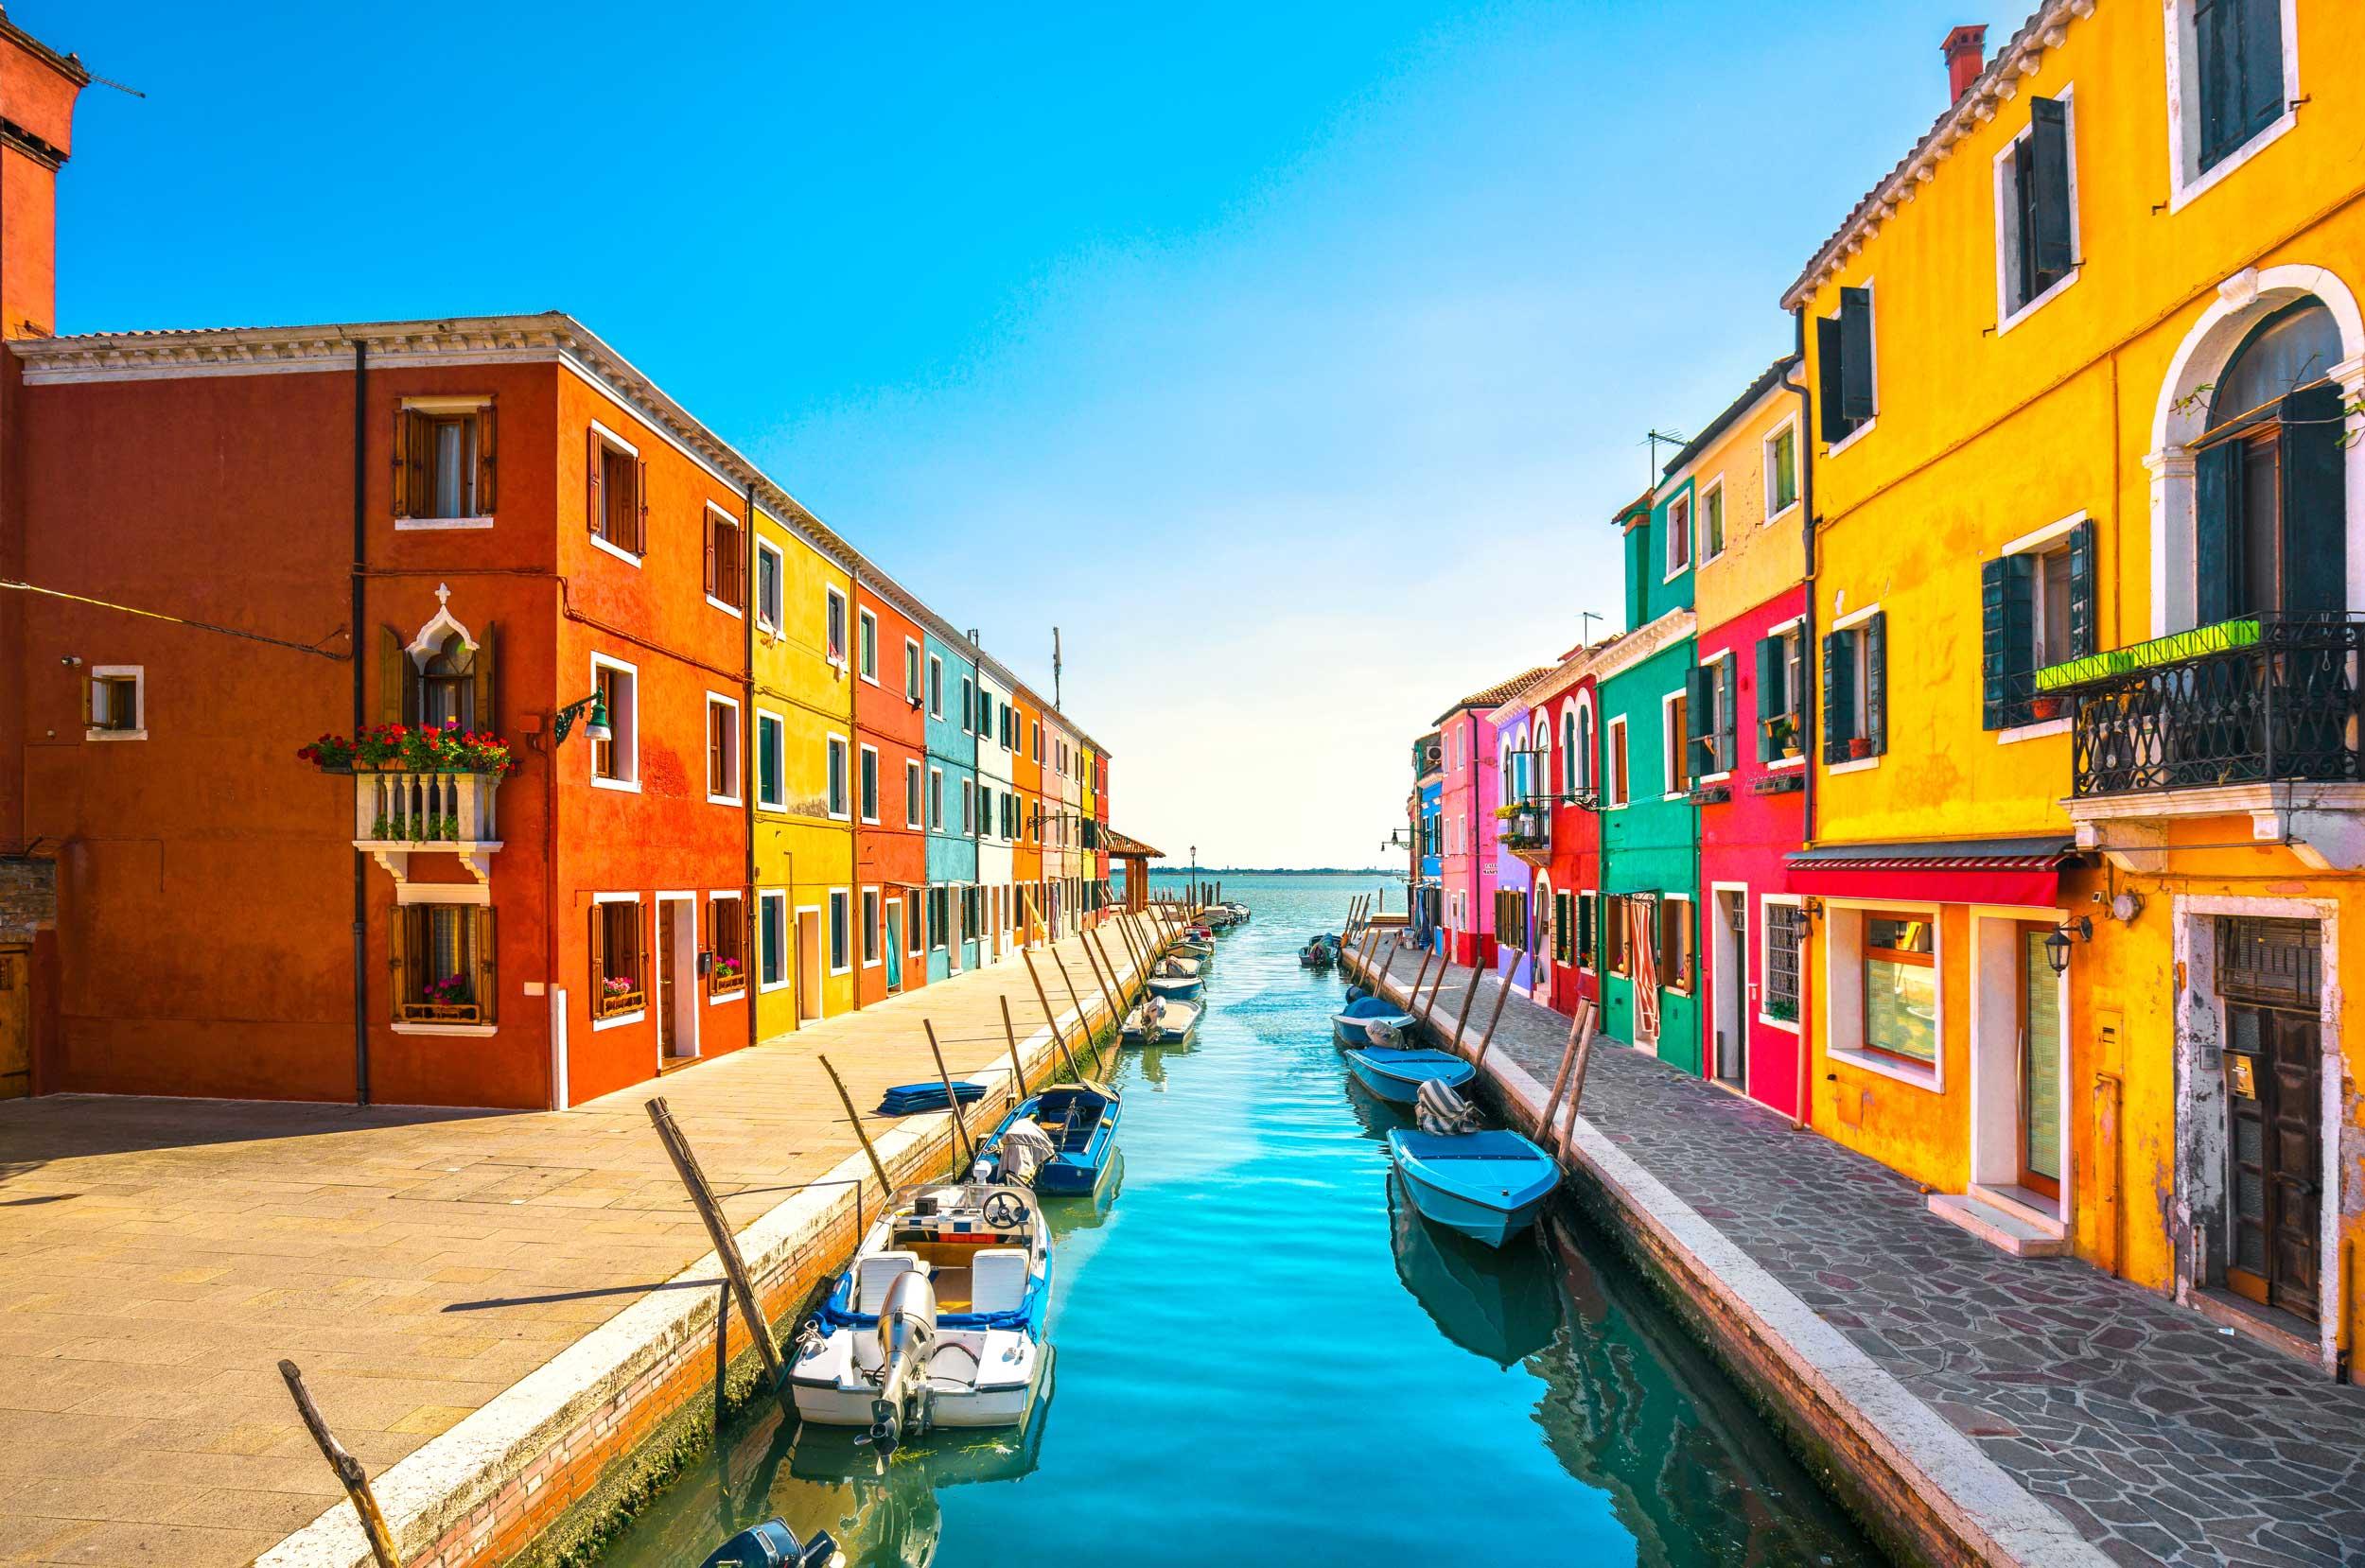 The islands of Venice: Murano, Burano & Torcello